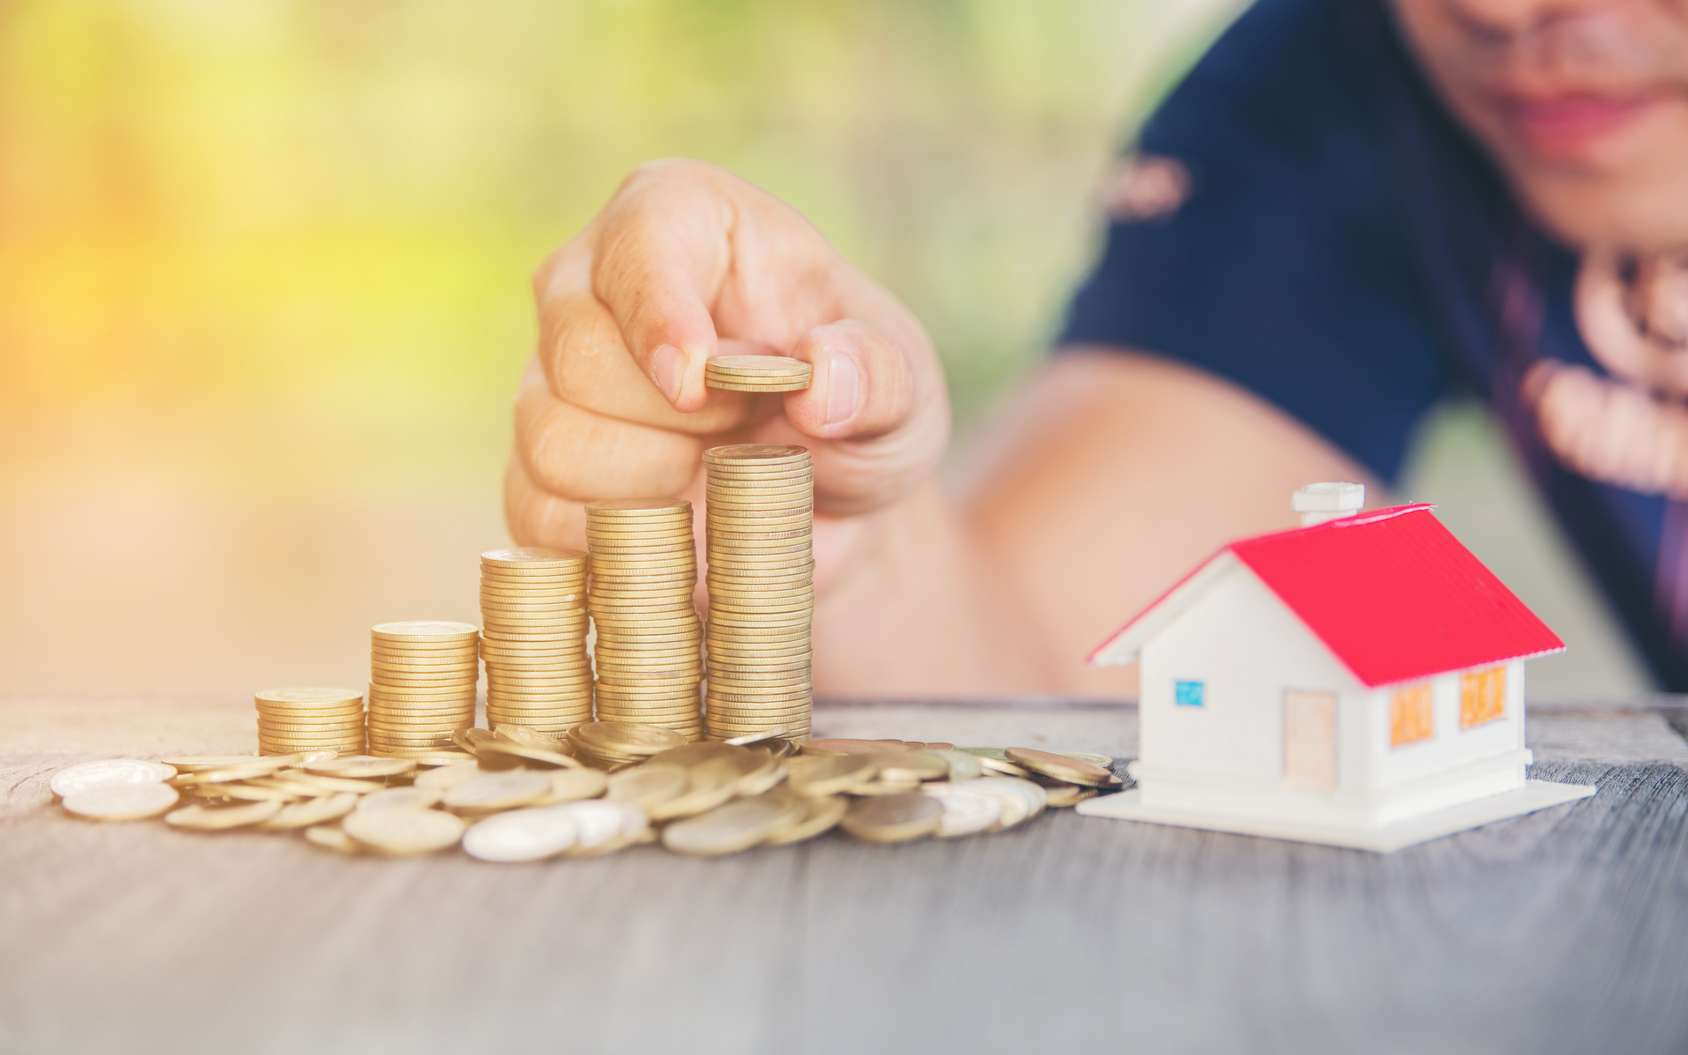 Épargner avec le compte épargne logement. © Ekkapon, Fotolia